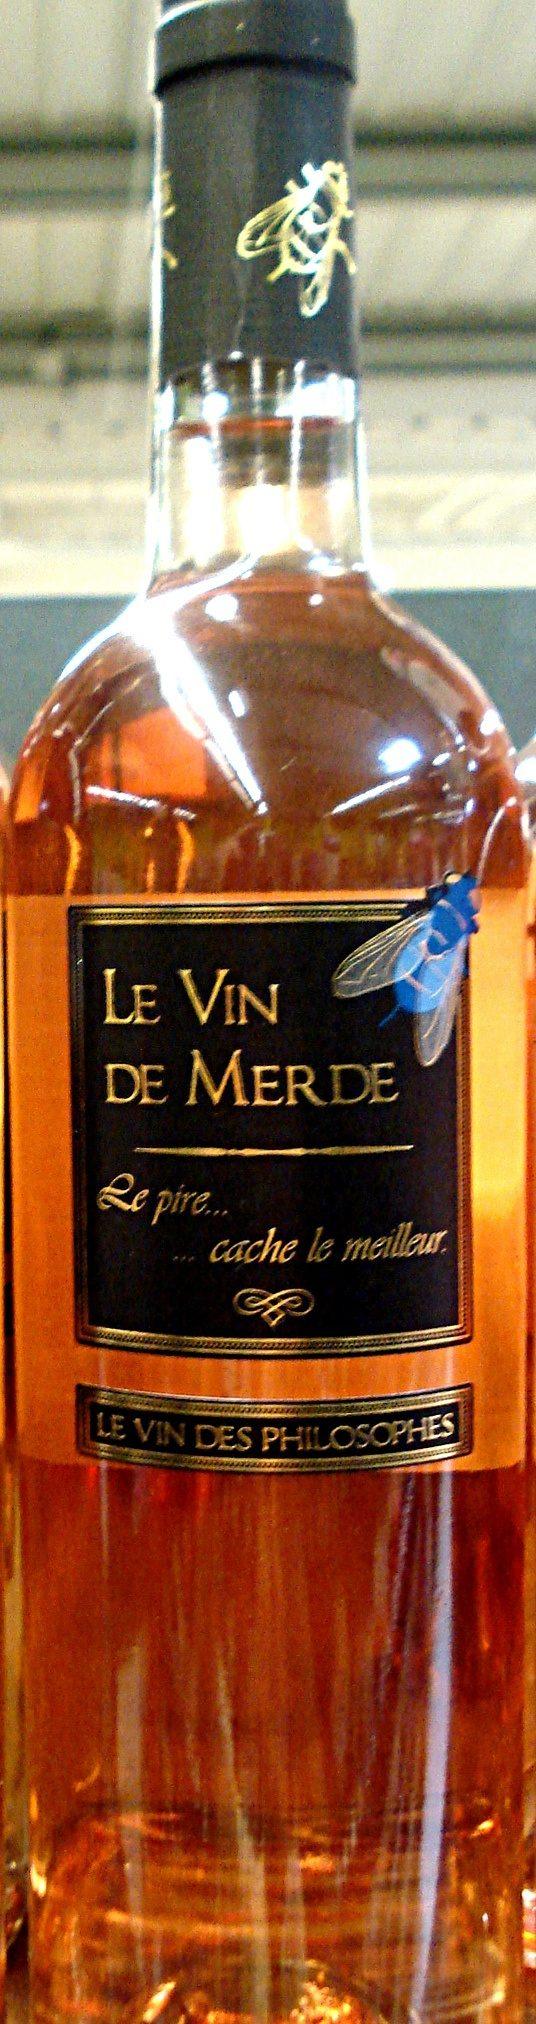 Le Vin de Merde (Vin des Philosophes) - Product - fr